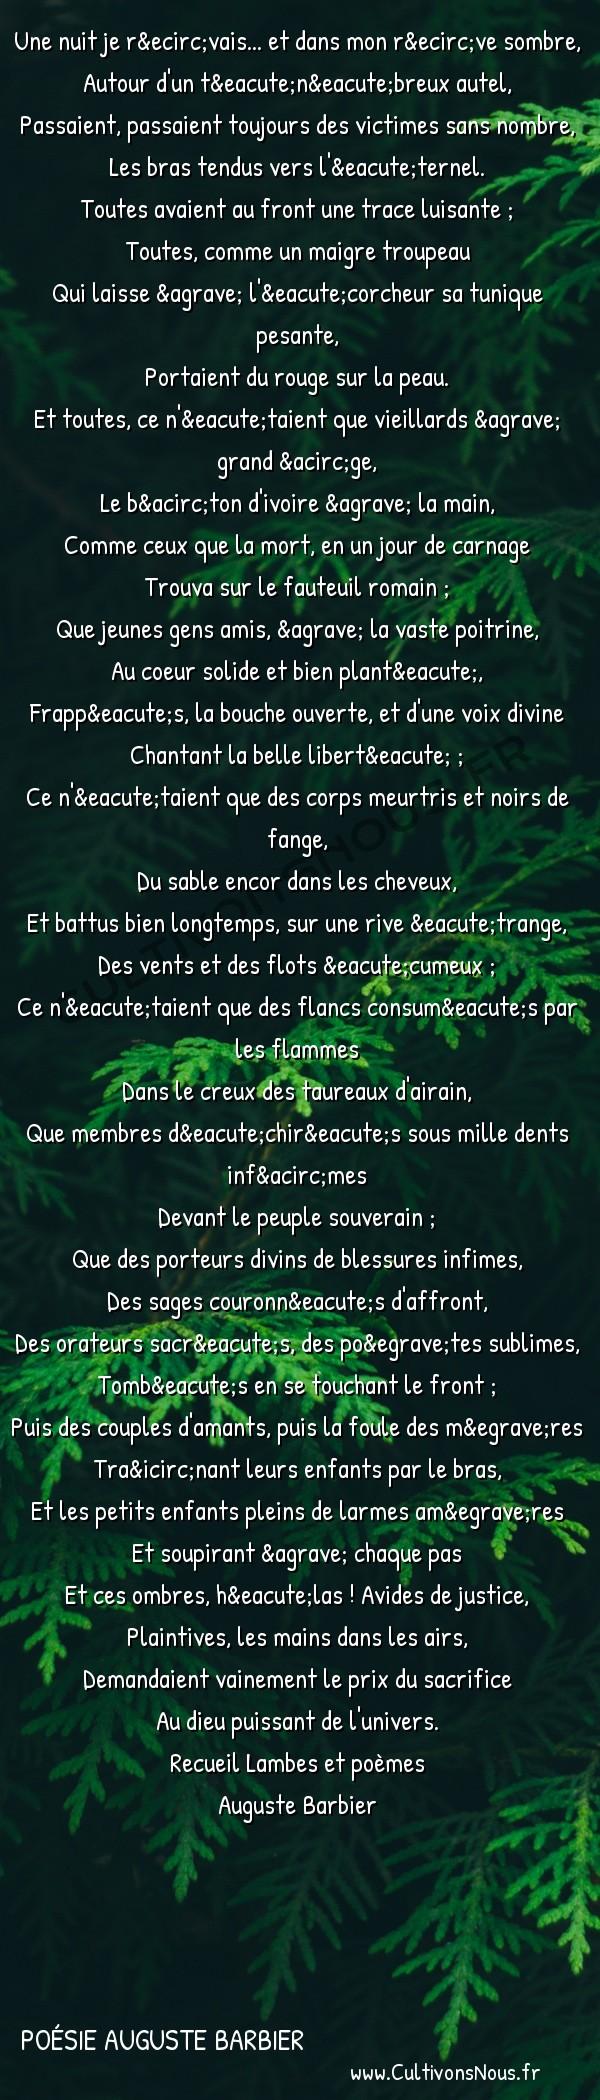 Poésie Auguste Barbier - Lambes et poèmes - Les Victimes -   Une nuit je rêvais... et dans mon rêve sombre,